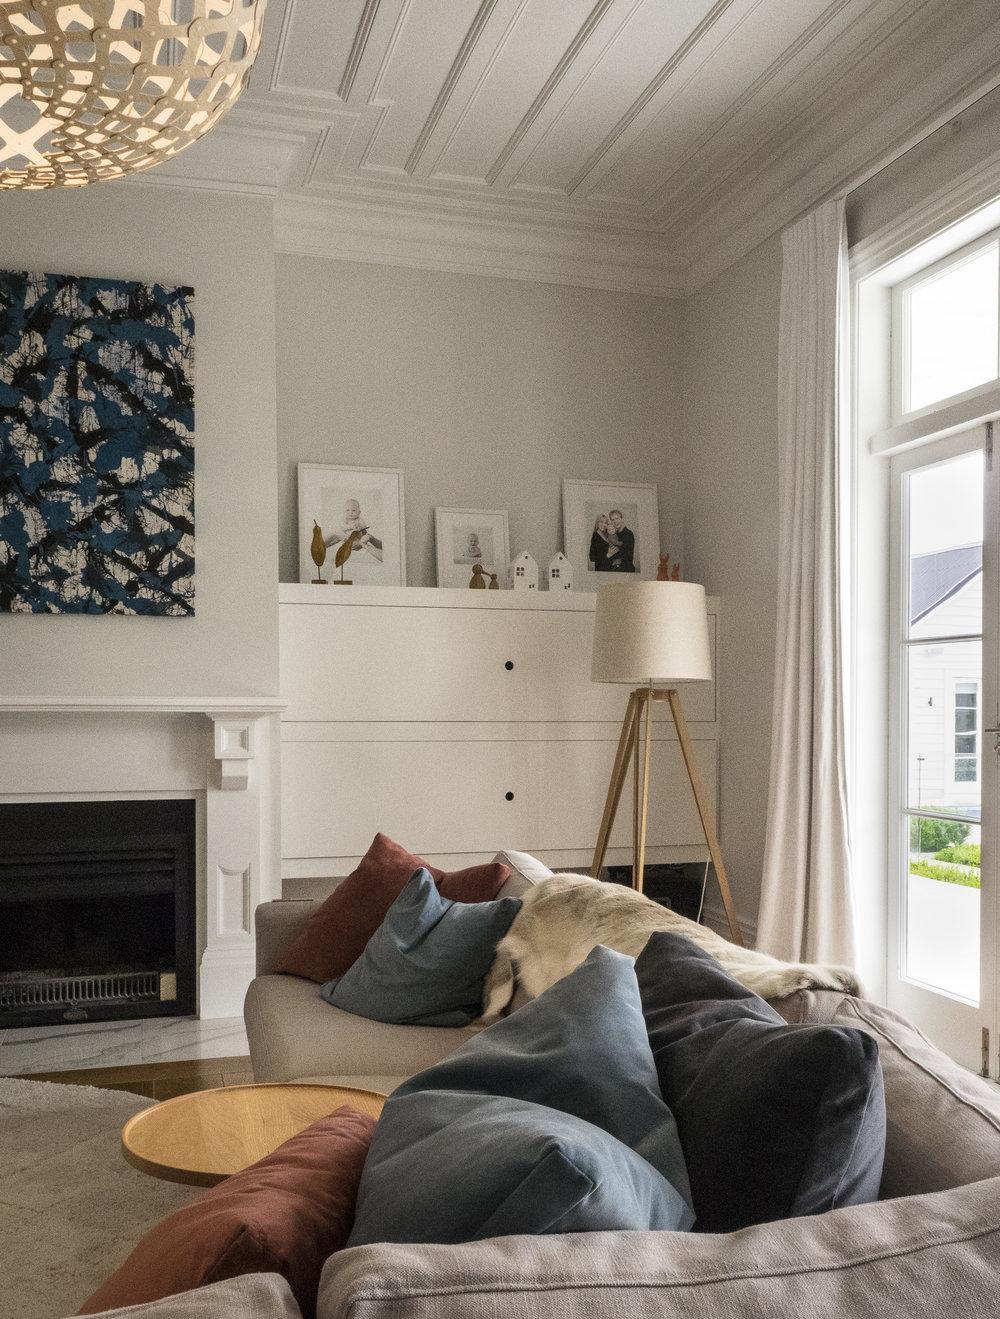 Sonya Cotter Design - Kids Lounge Room Design